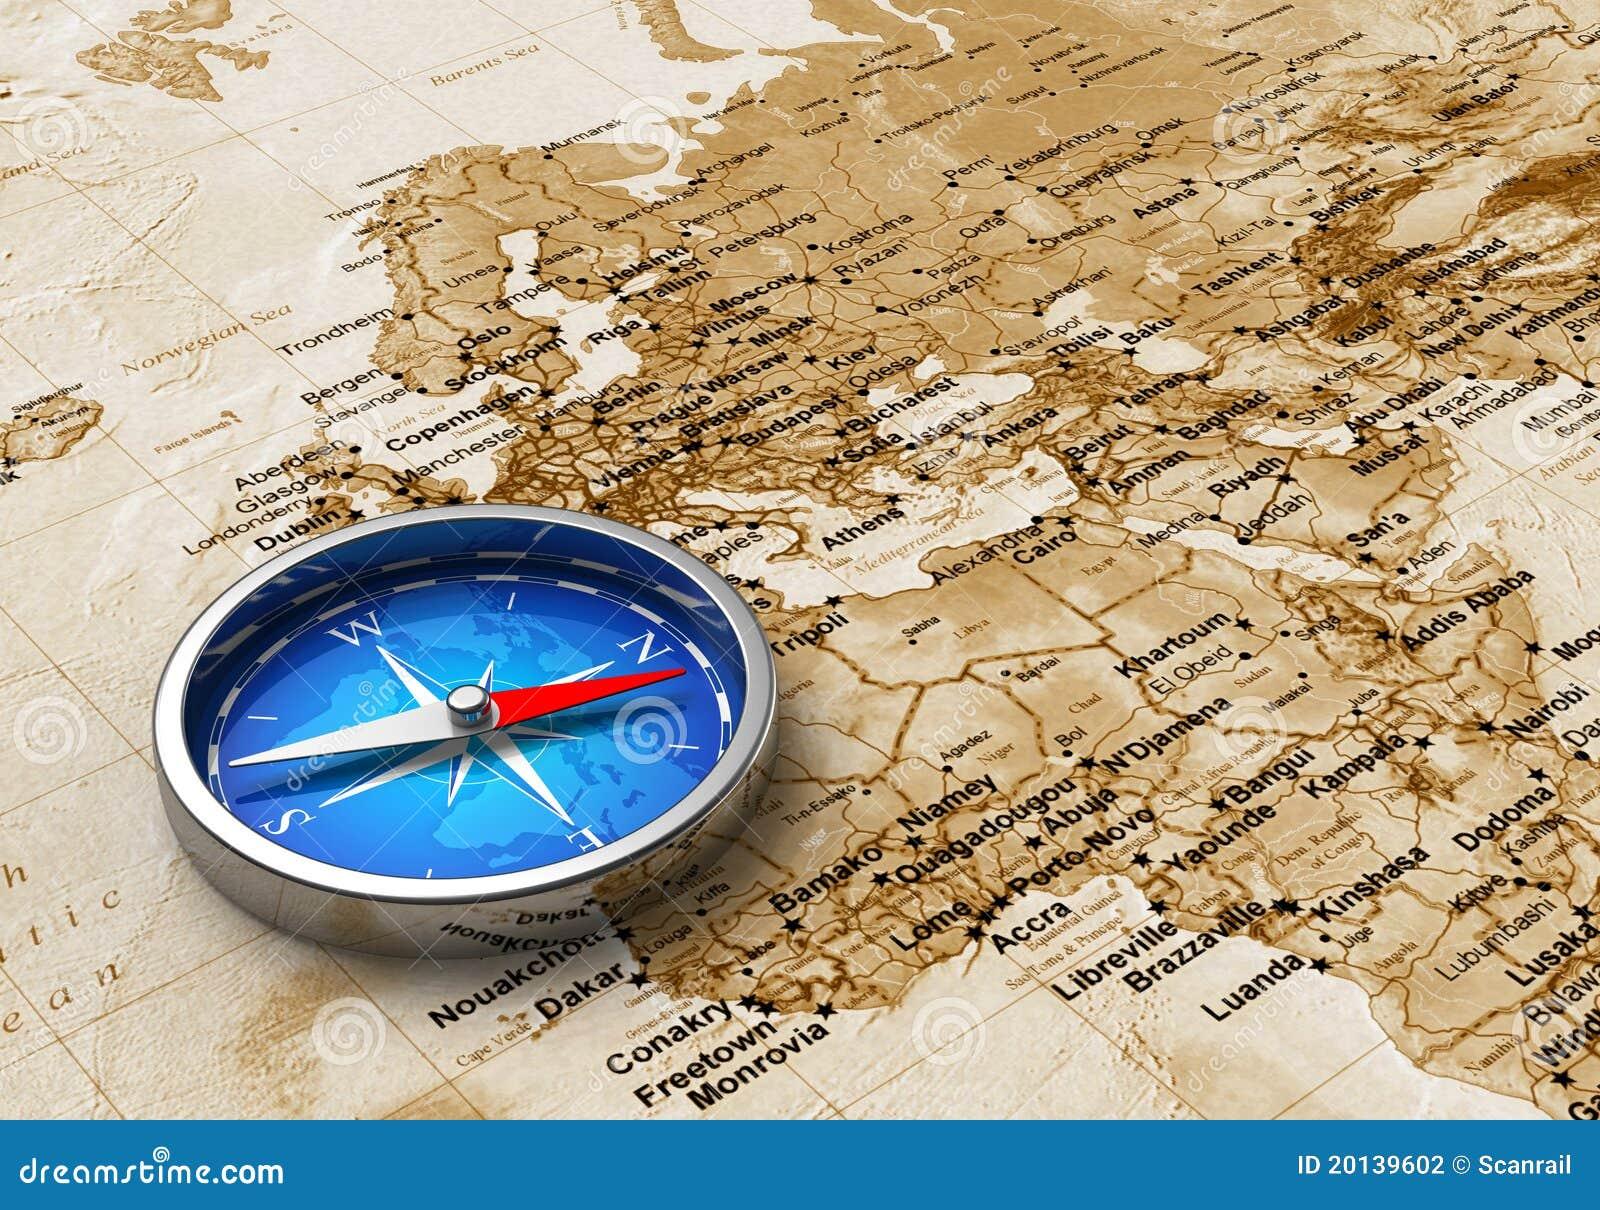 голубой Старый Мир металла карты компаса